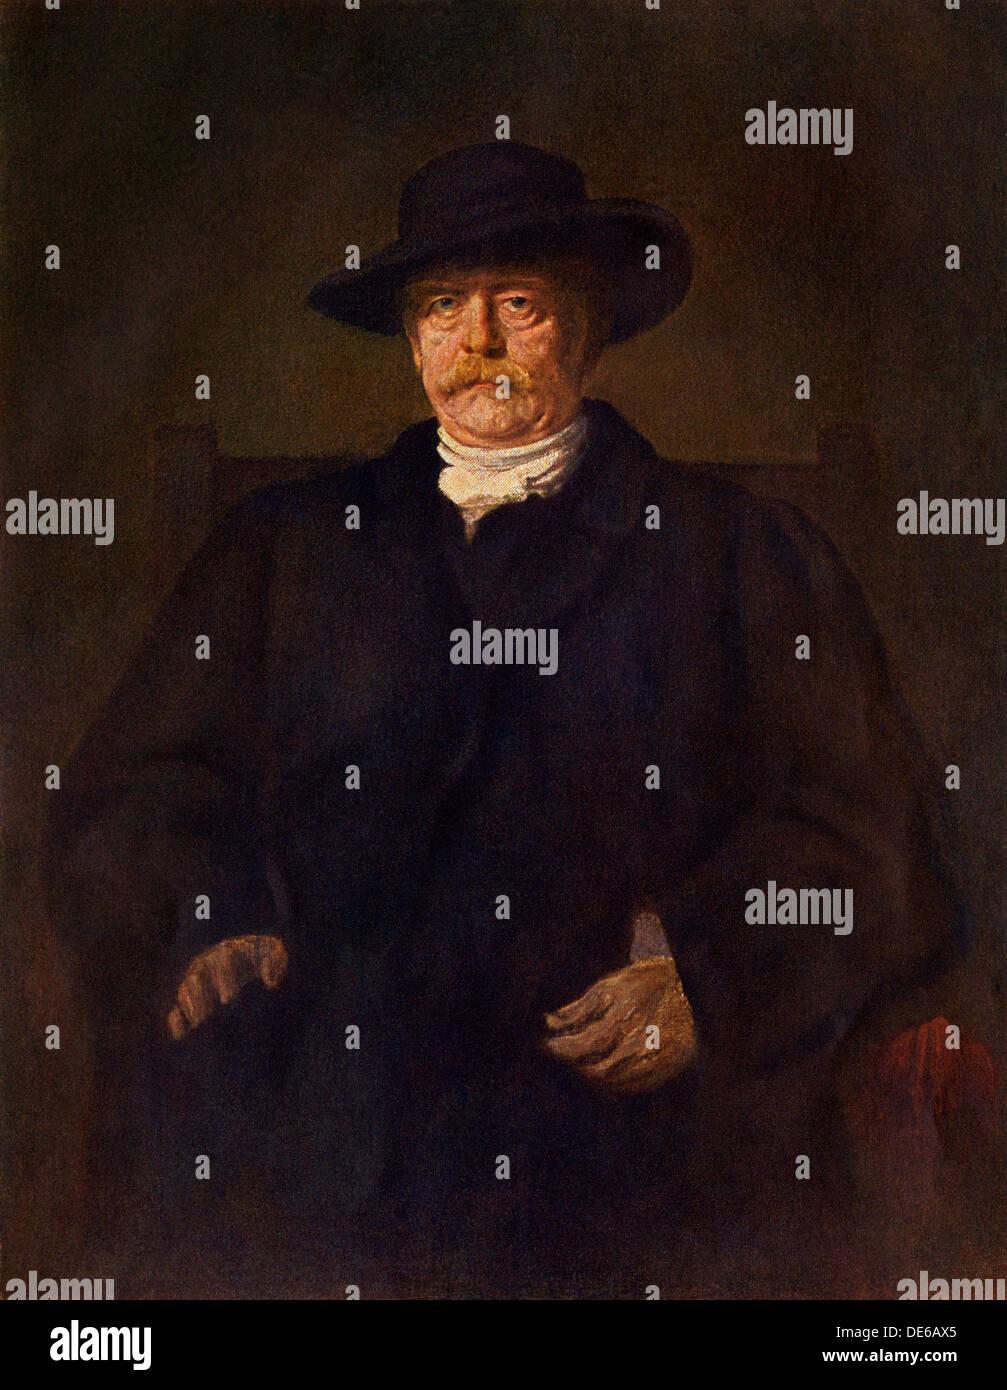 Preußischen Staatsmann Otto von Bismarck. Farblithographie von einem Gemälde von Franz von Lenbach Stockbild